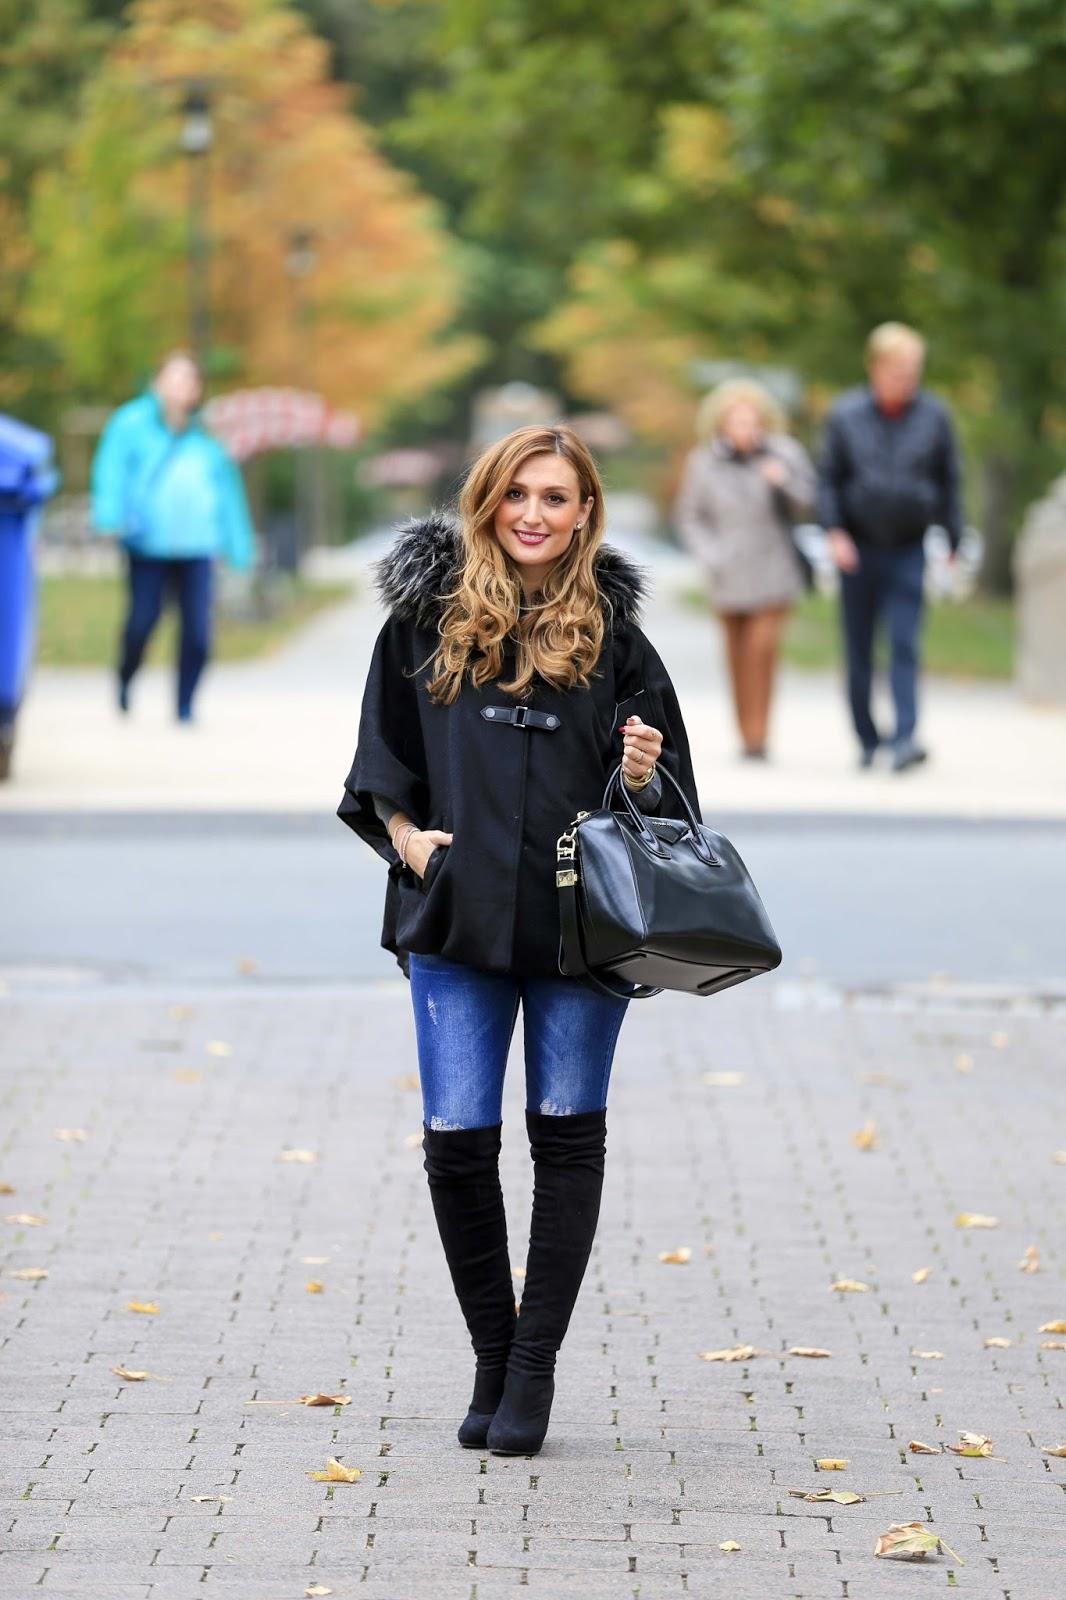 Streetstyle-Blogger-Streetstyle-Look-Poncho kombinieren -Blogger Herbstlook- Winterlook-inspirationen - was-zieht-man-im-Winter- an- schwarzerPonchos-Schwarze-Overknees-Blogger